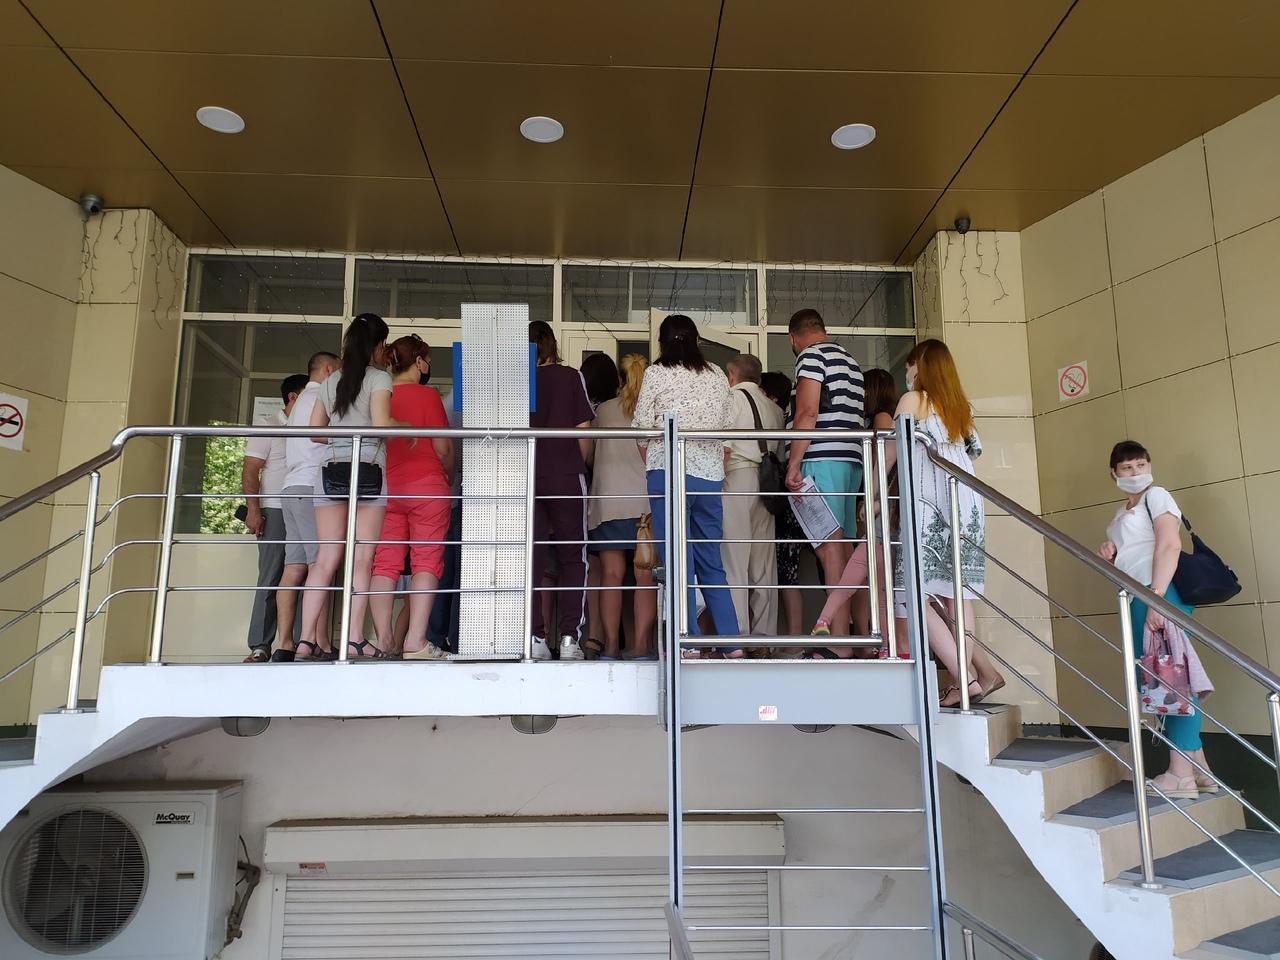 фото Послали на пять букв: сибиряки выстроились в огромные очереди за СНИЛС, чтобы получить 10 тысяч на ребёнка 2